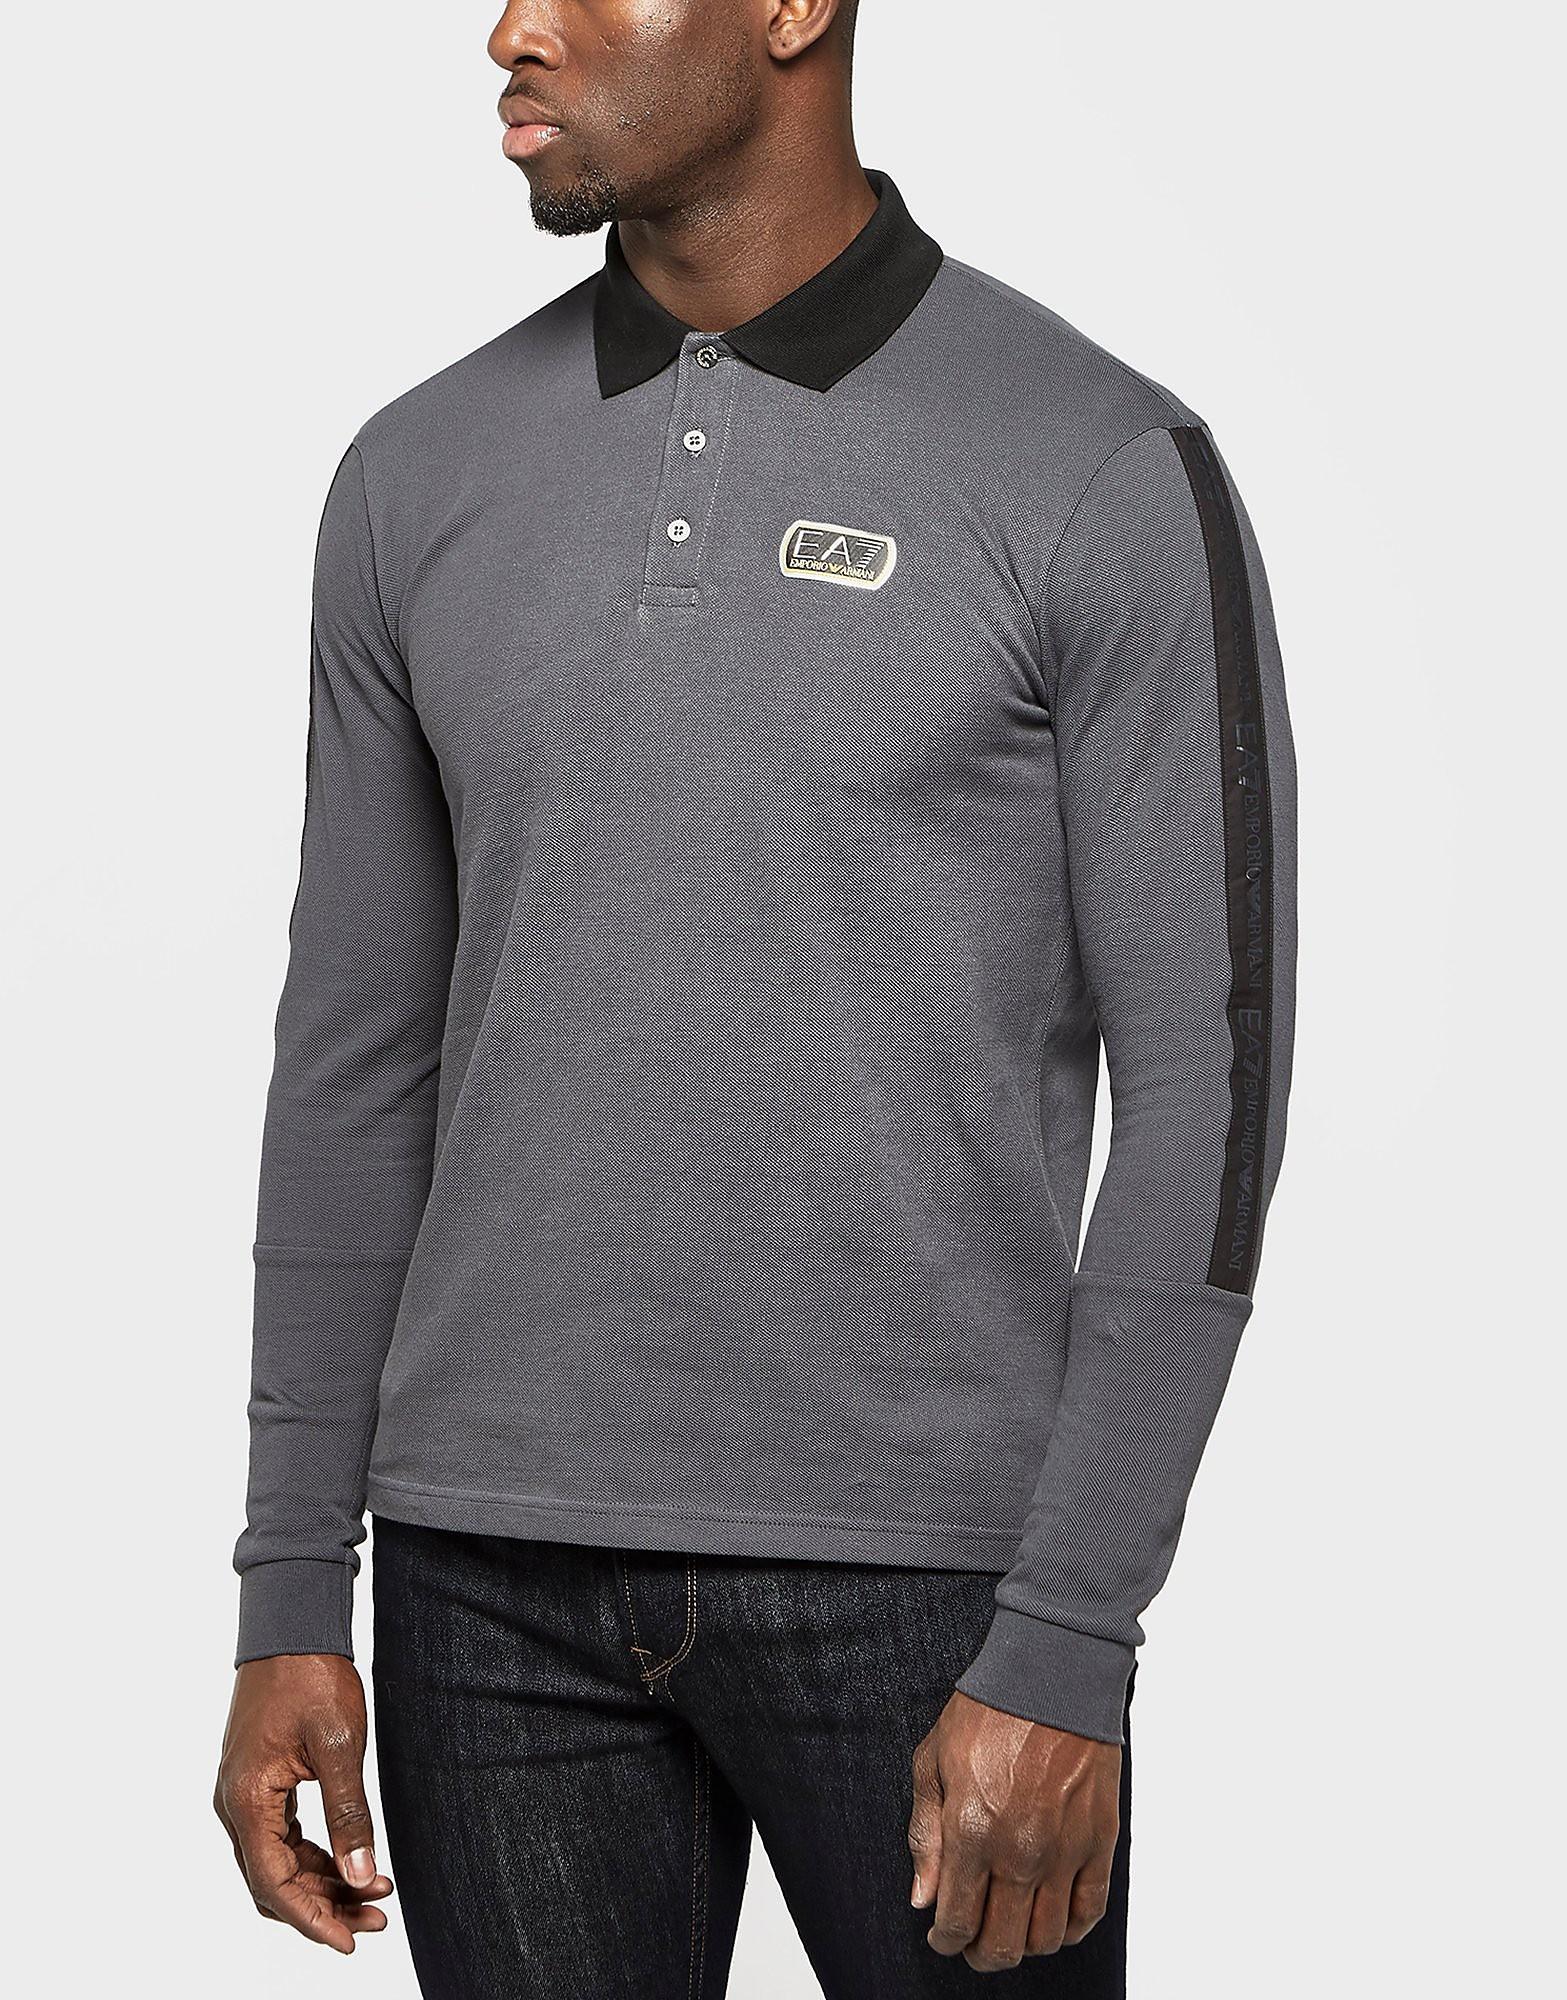 Emporio Armani EA7 Long Sleeve Polo Shirt - Exclusive